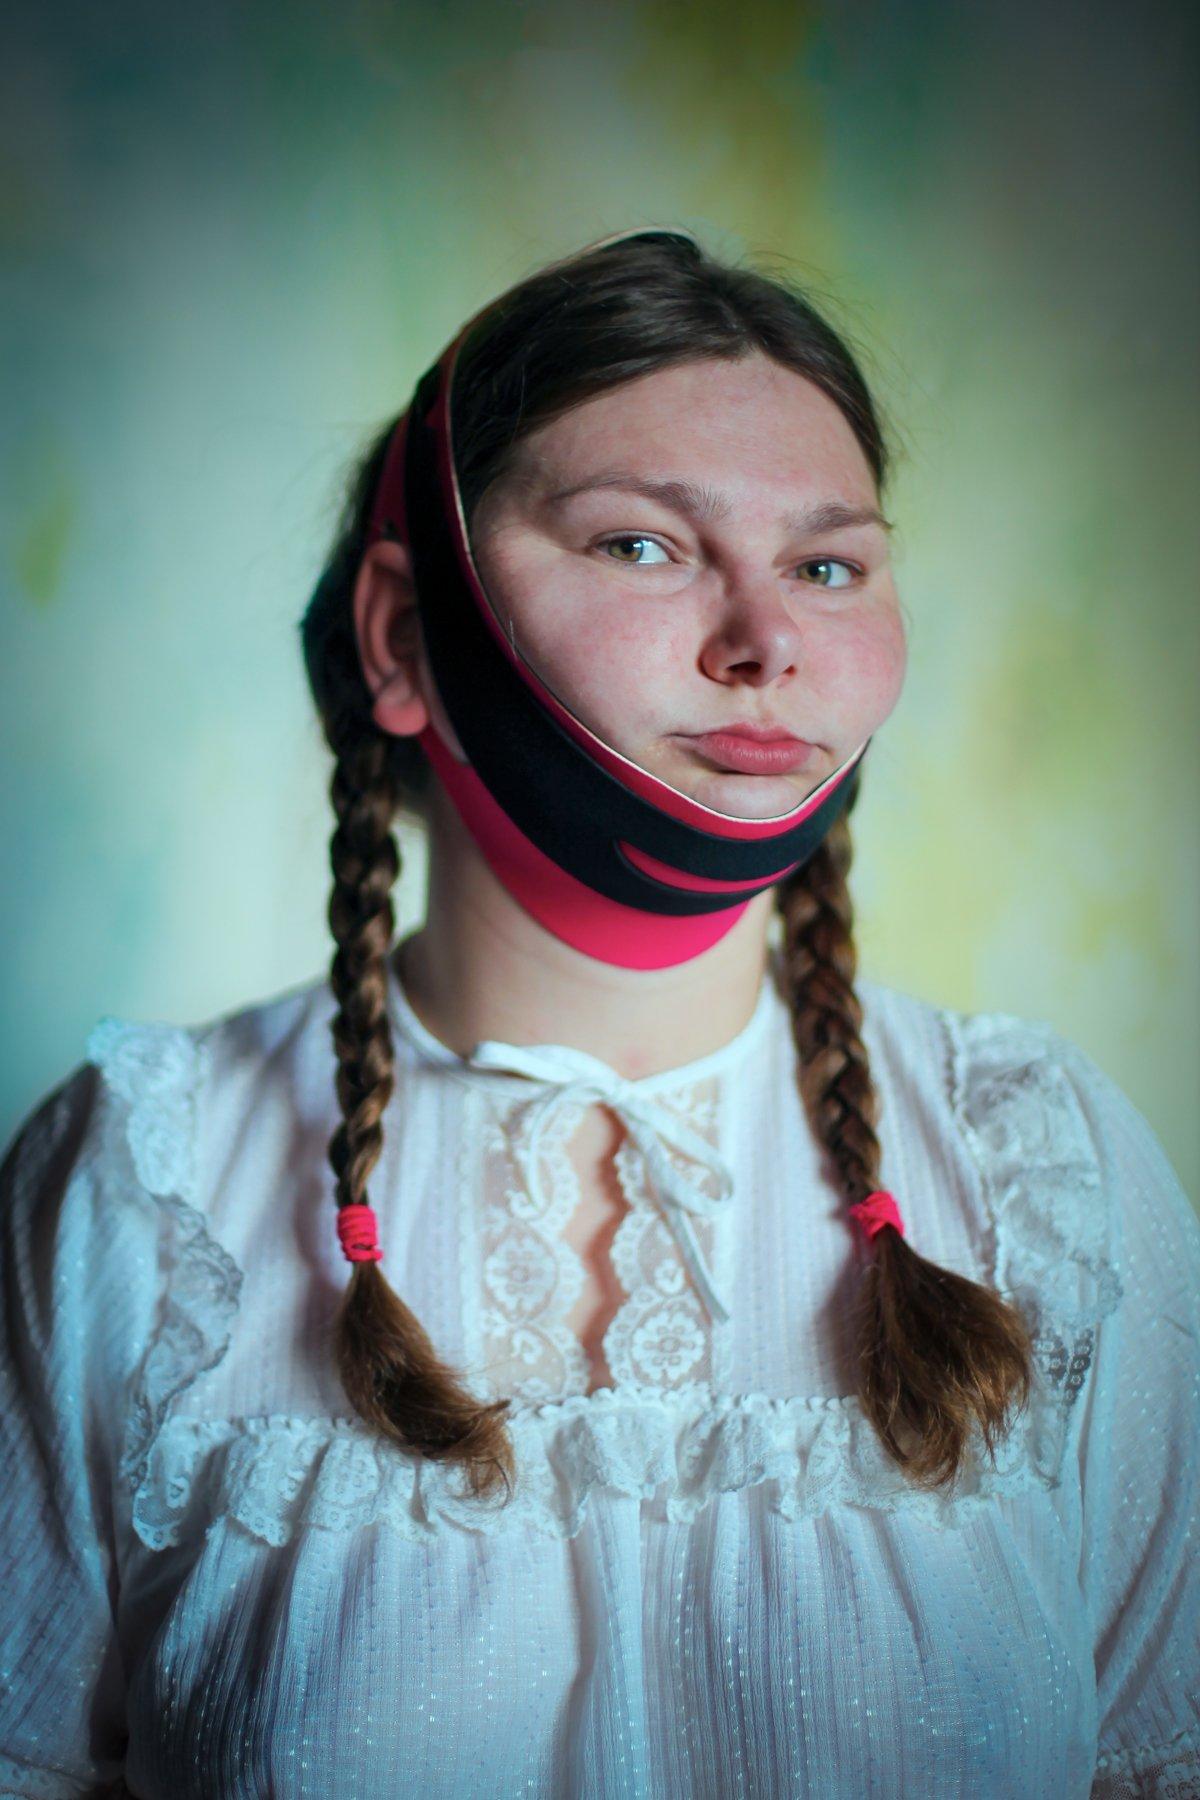 """14 fotos perturbadoras mostram as coisas bizarras que uma mulher usa para ficar """"linda"""" 06"""